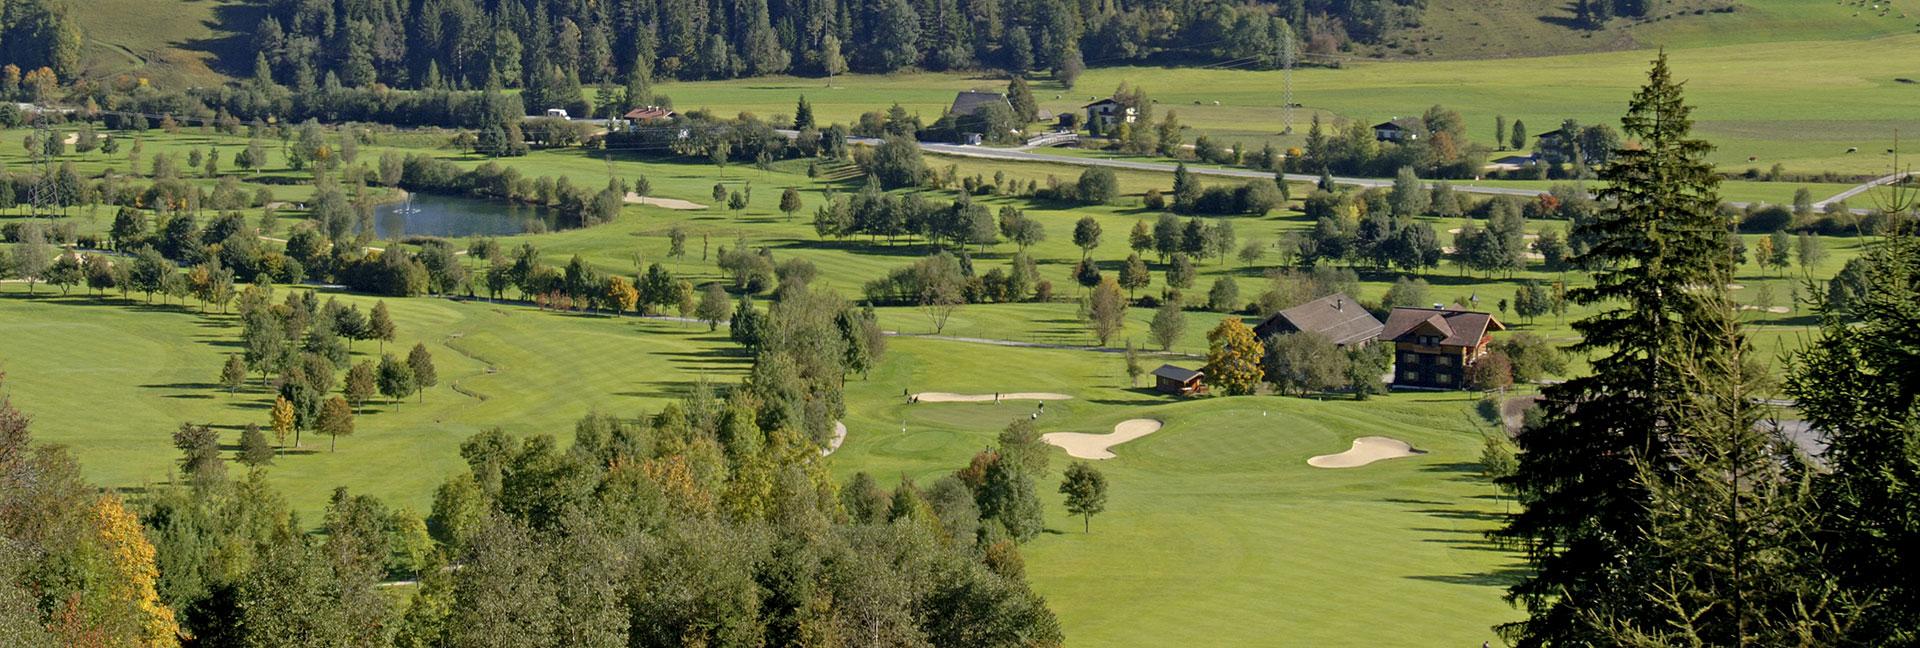 Golfplatz Radstadt im Salzburger Land